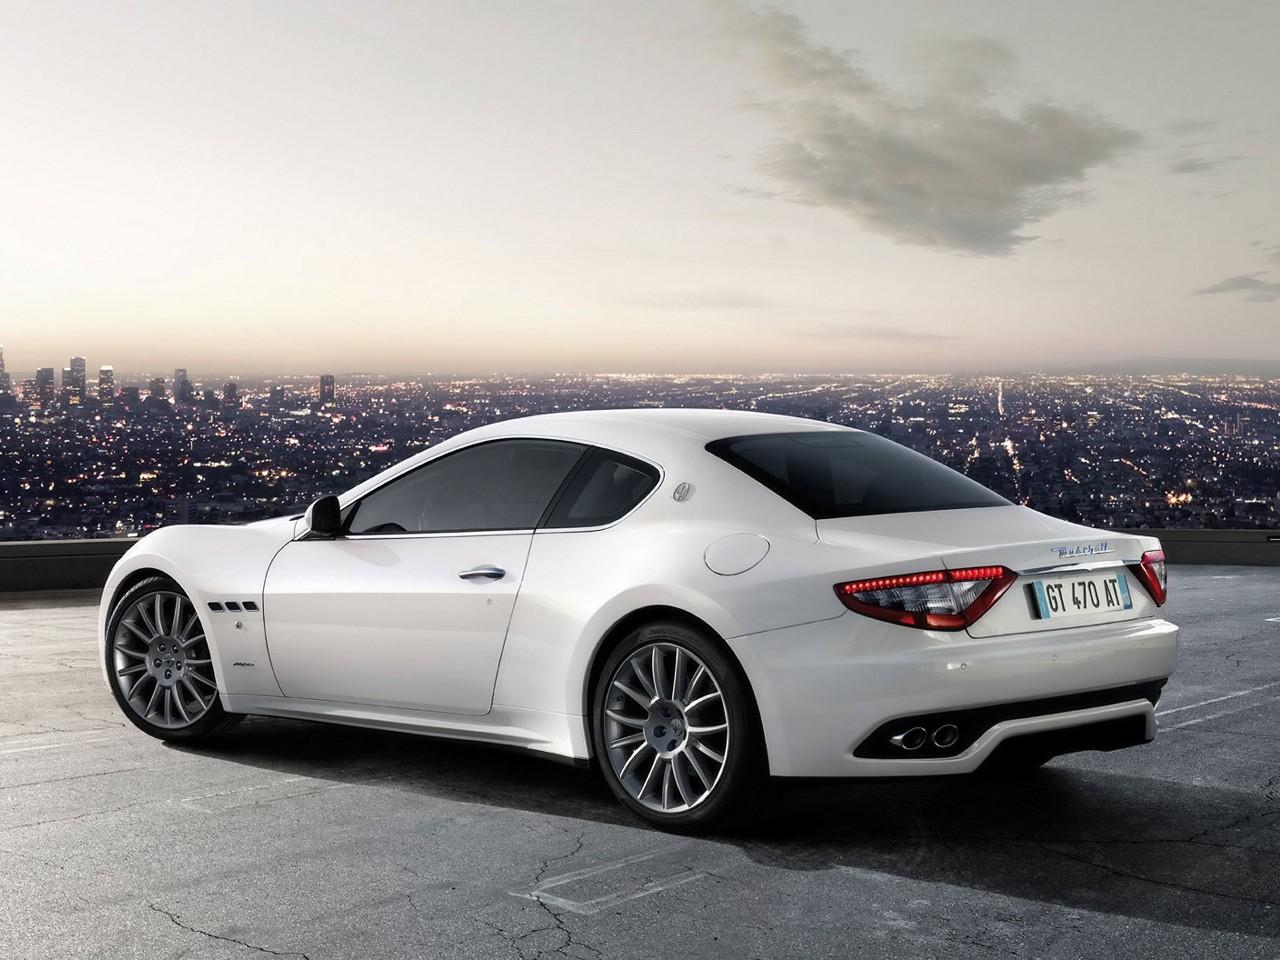 Maserati+granturismo+wallpaper